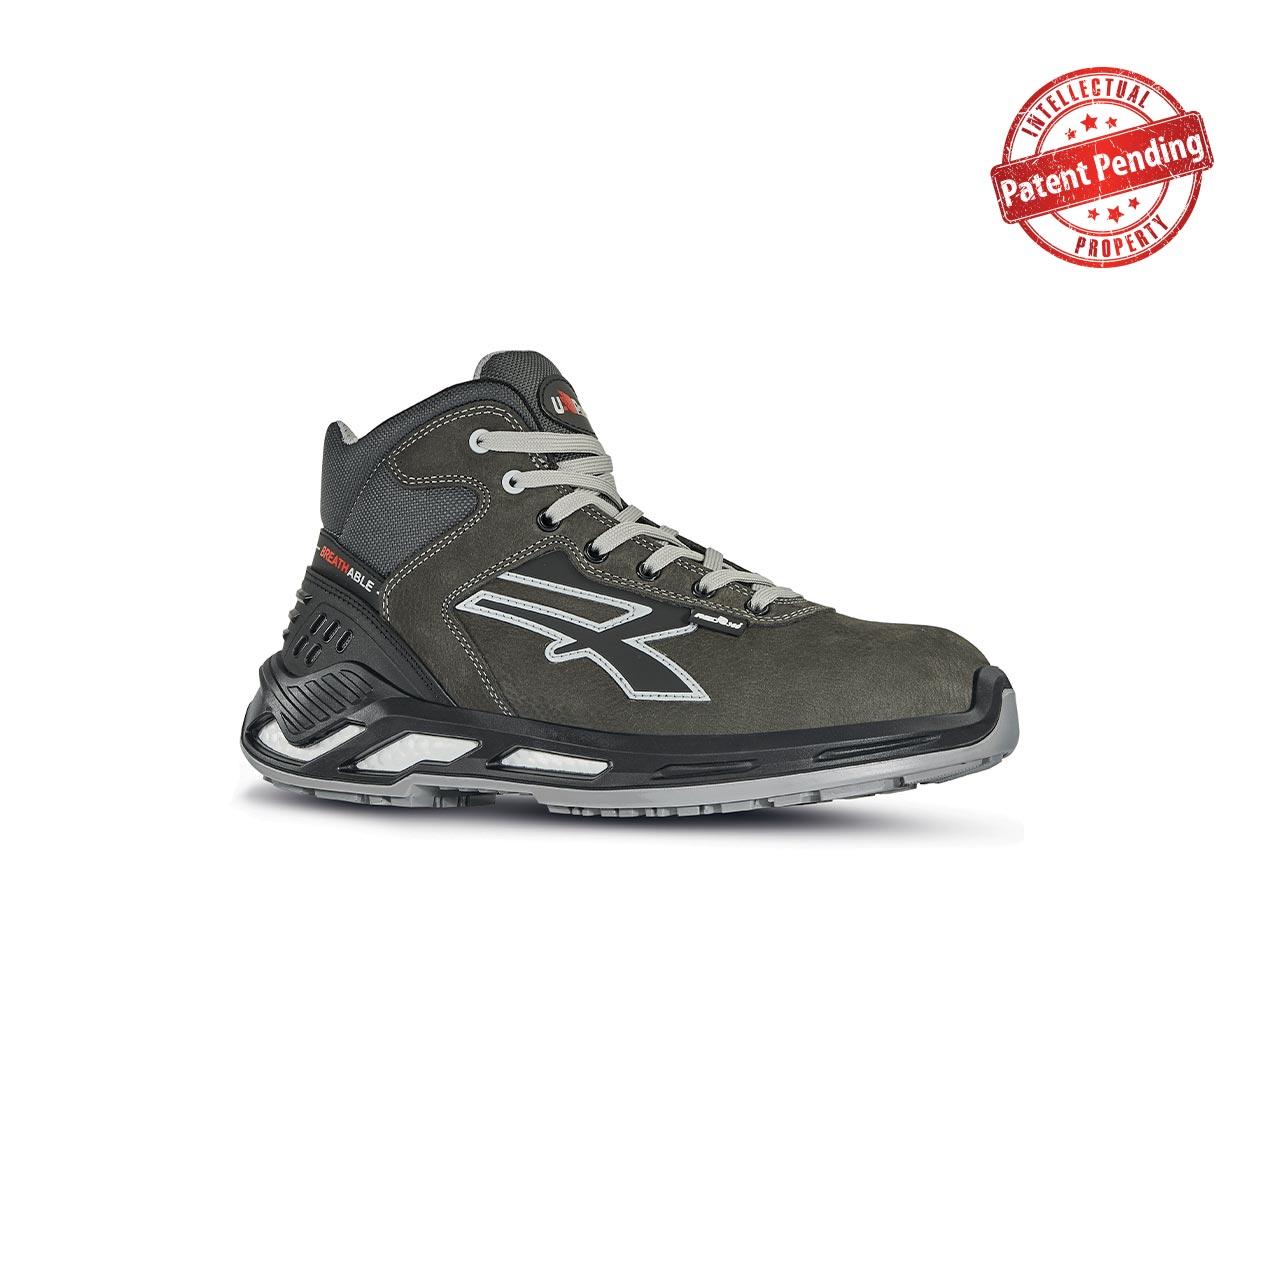 scarpa antinfortunistica upower modello strike linea red360 vista laterale